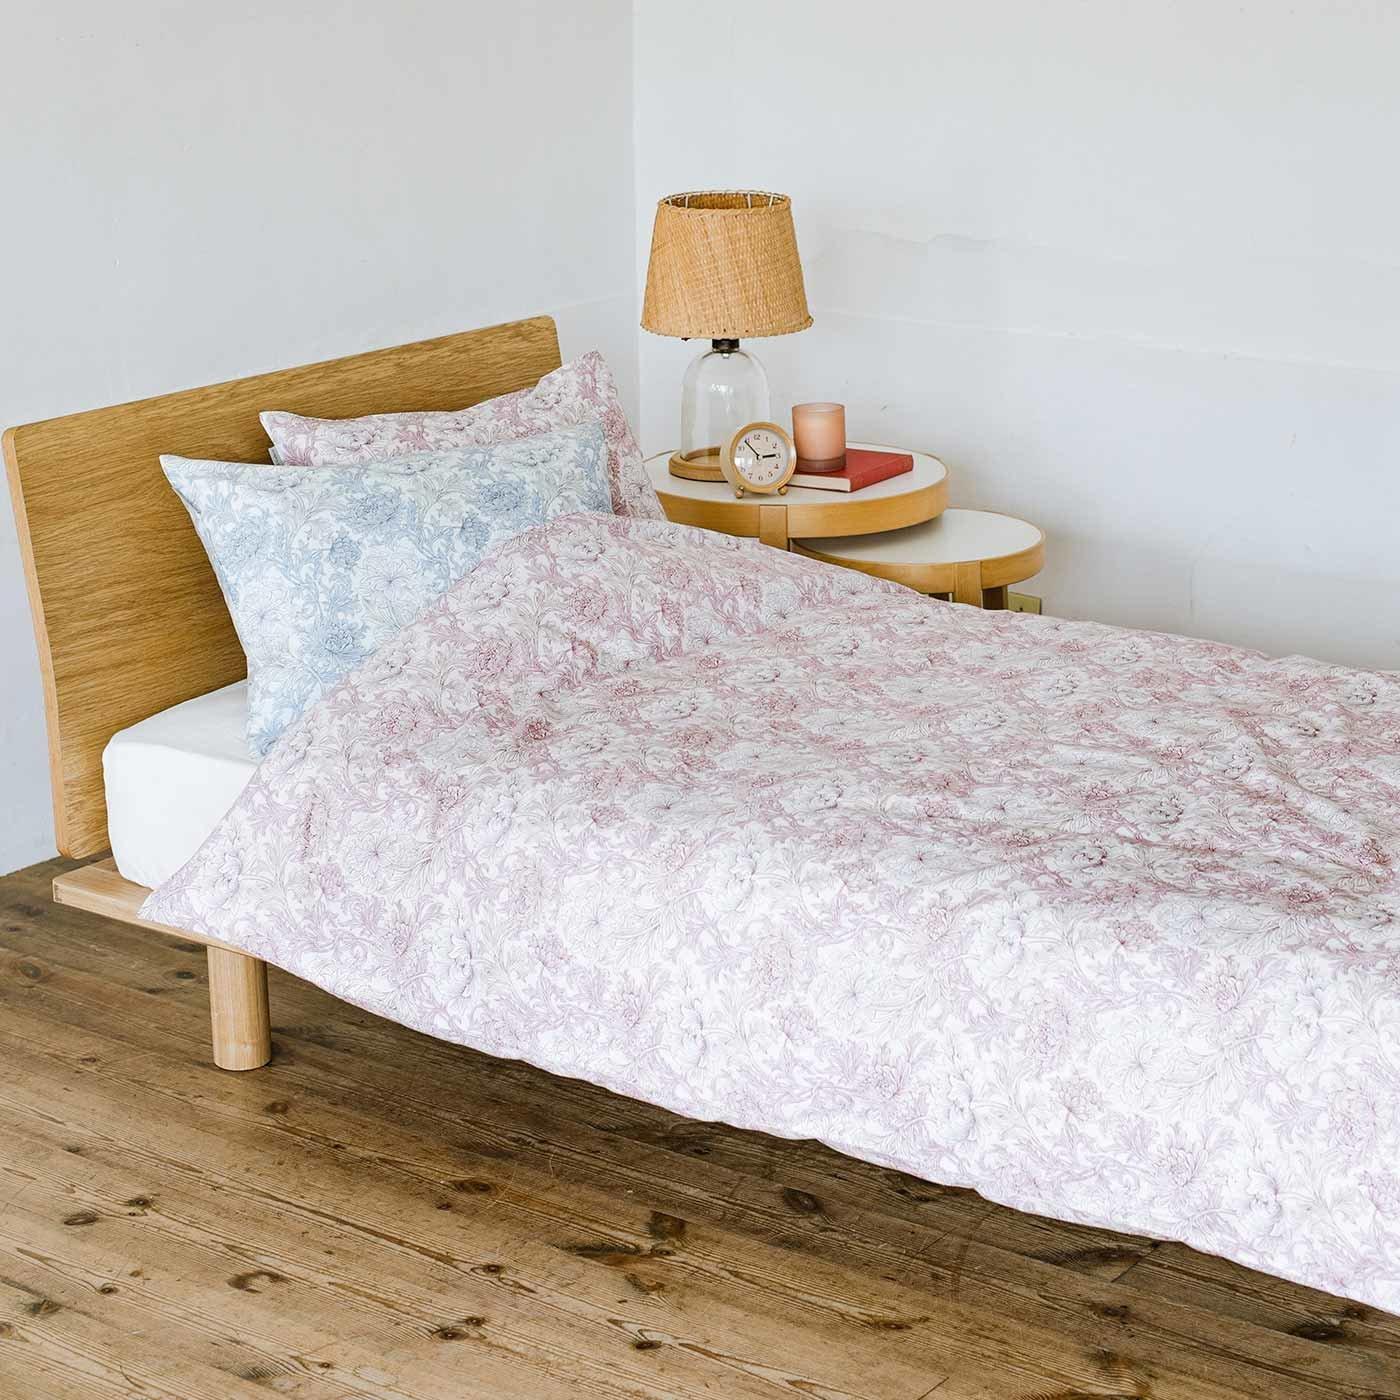 ピュアモリス 優美な花に包まれて眠る 綿100%掛けふとんカバー ピュアクリサンセマムトワル〈シングル〉